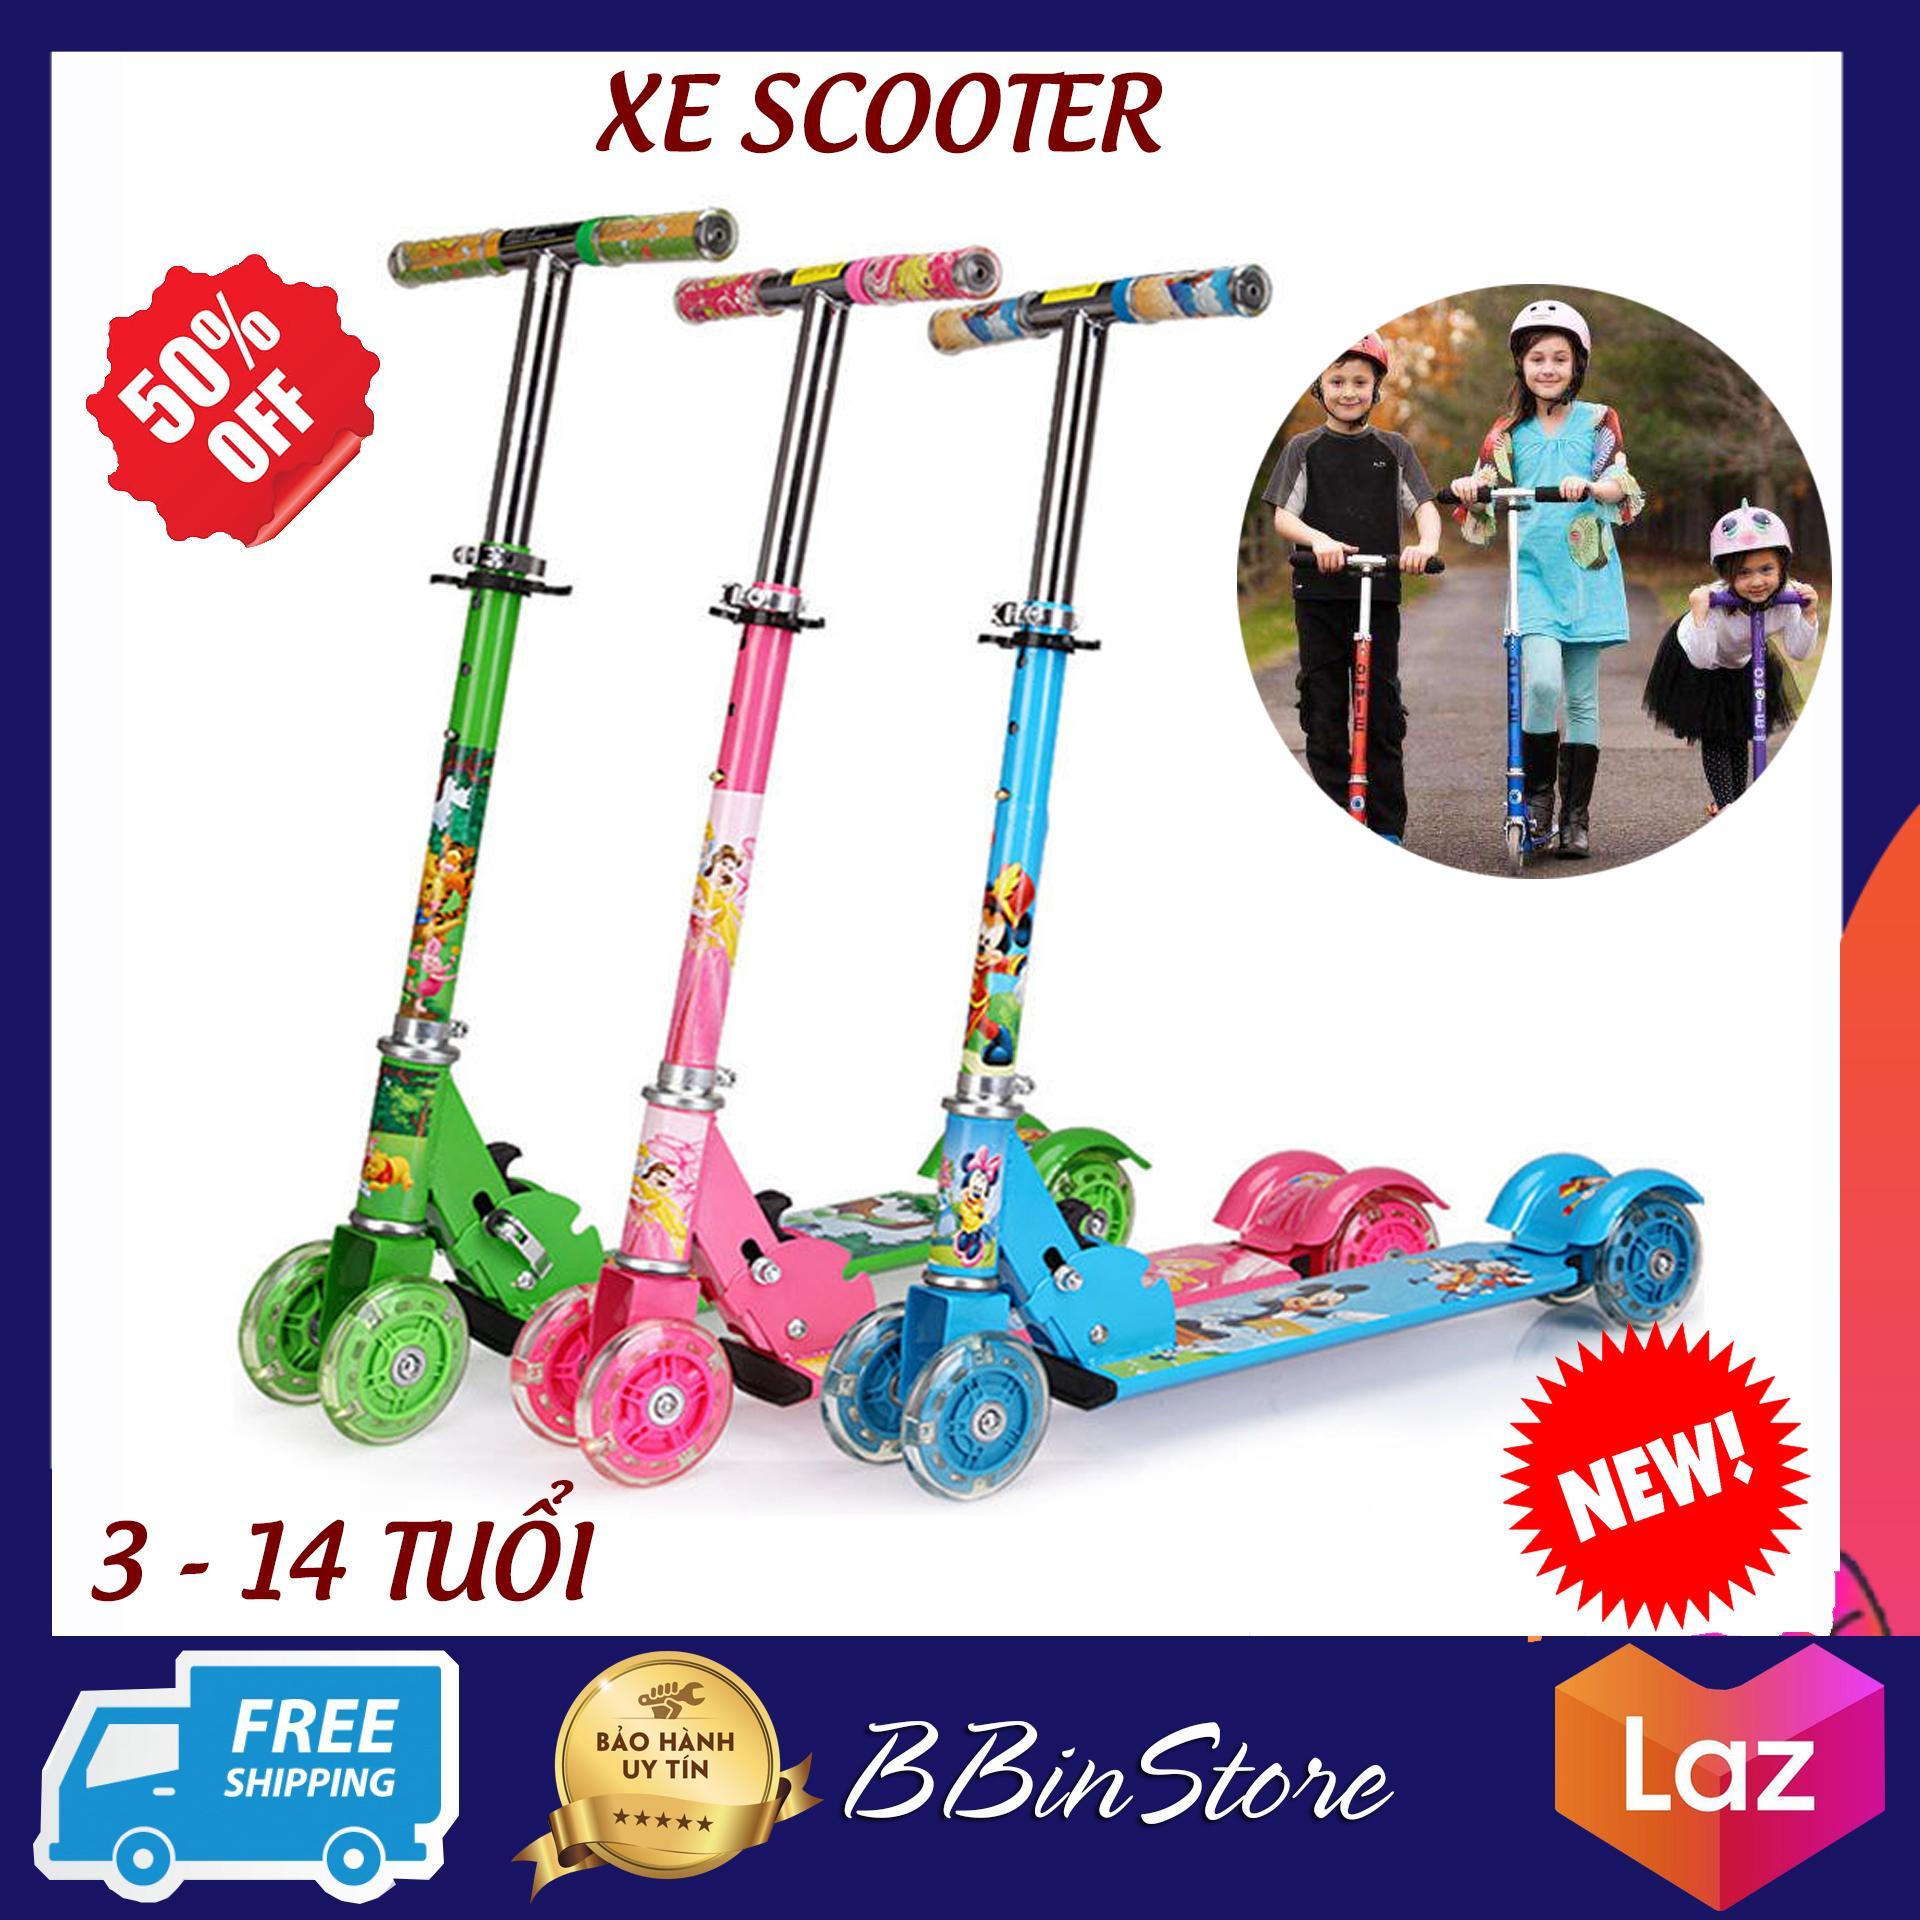 Offer Giảm Giá Xe Scooter Trẻ Em - Thiết Kế Chắc Chắn Gọn Nhẹ, Hình Thù Ngộ Nghĩnh Bắt Mắt - Đồ Chơi Thể Thao Ngoài Trời Cho Trẻ, Xe Đạp Cho Trẻ Tập Đi, Xe Trượt Scooter Màu Xanh Lá Cho Bé Trai - BBinstore